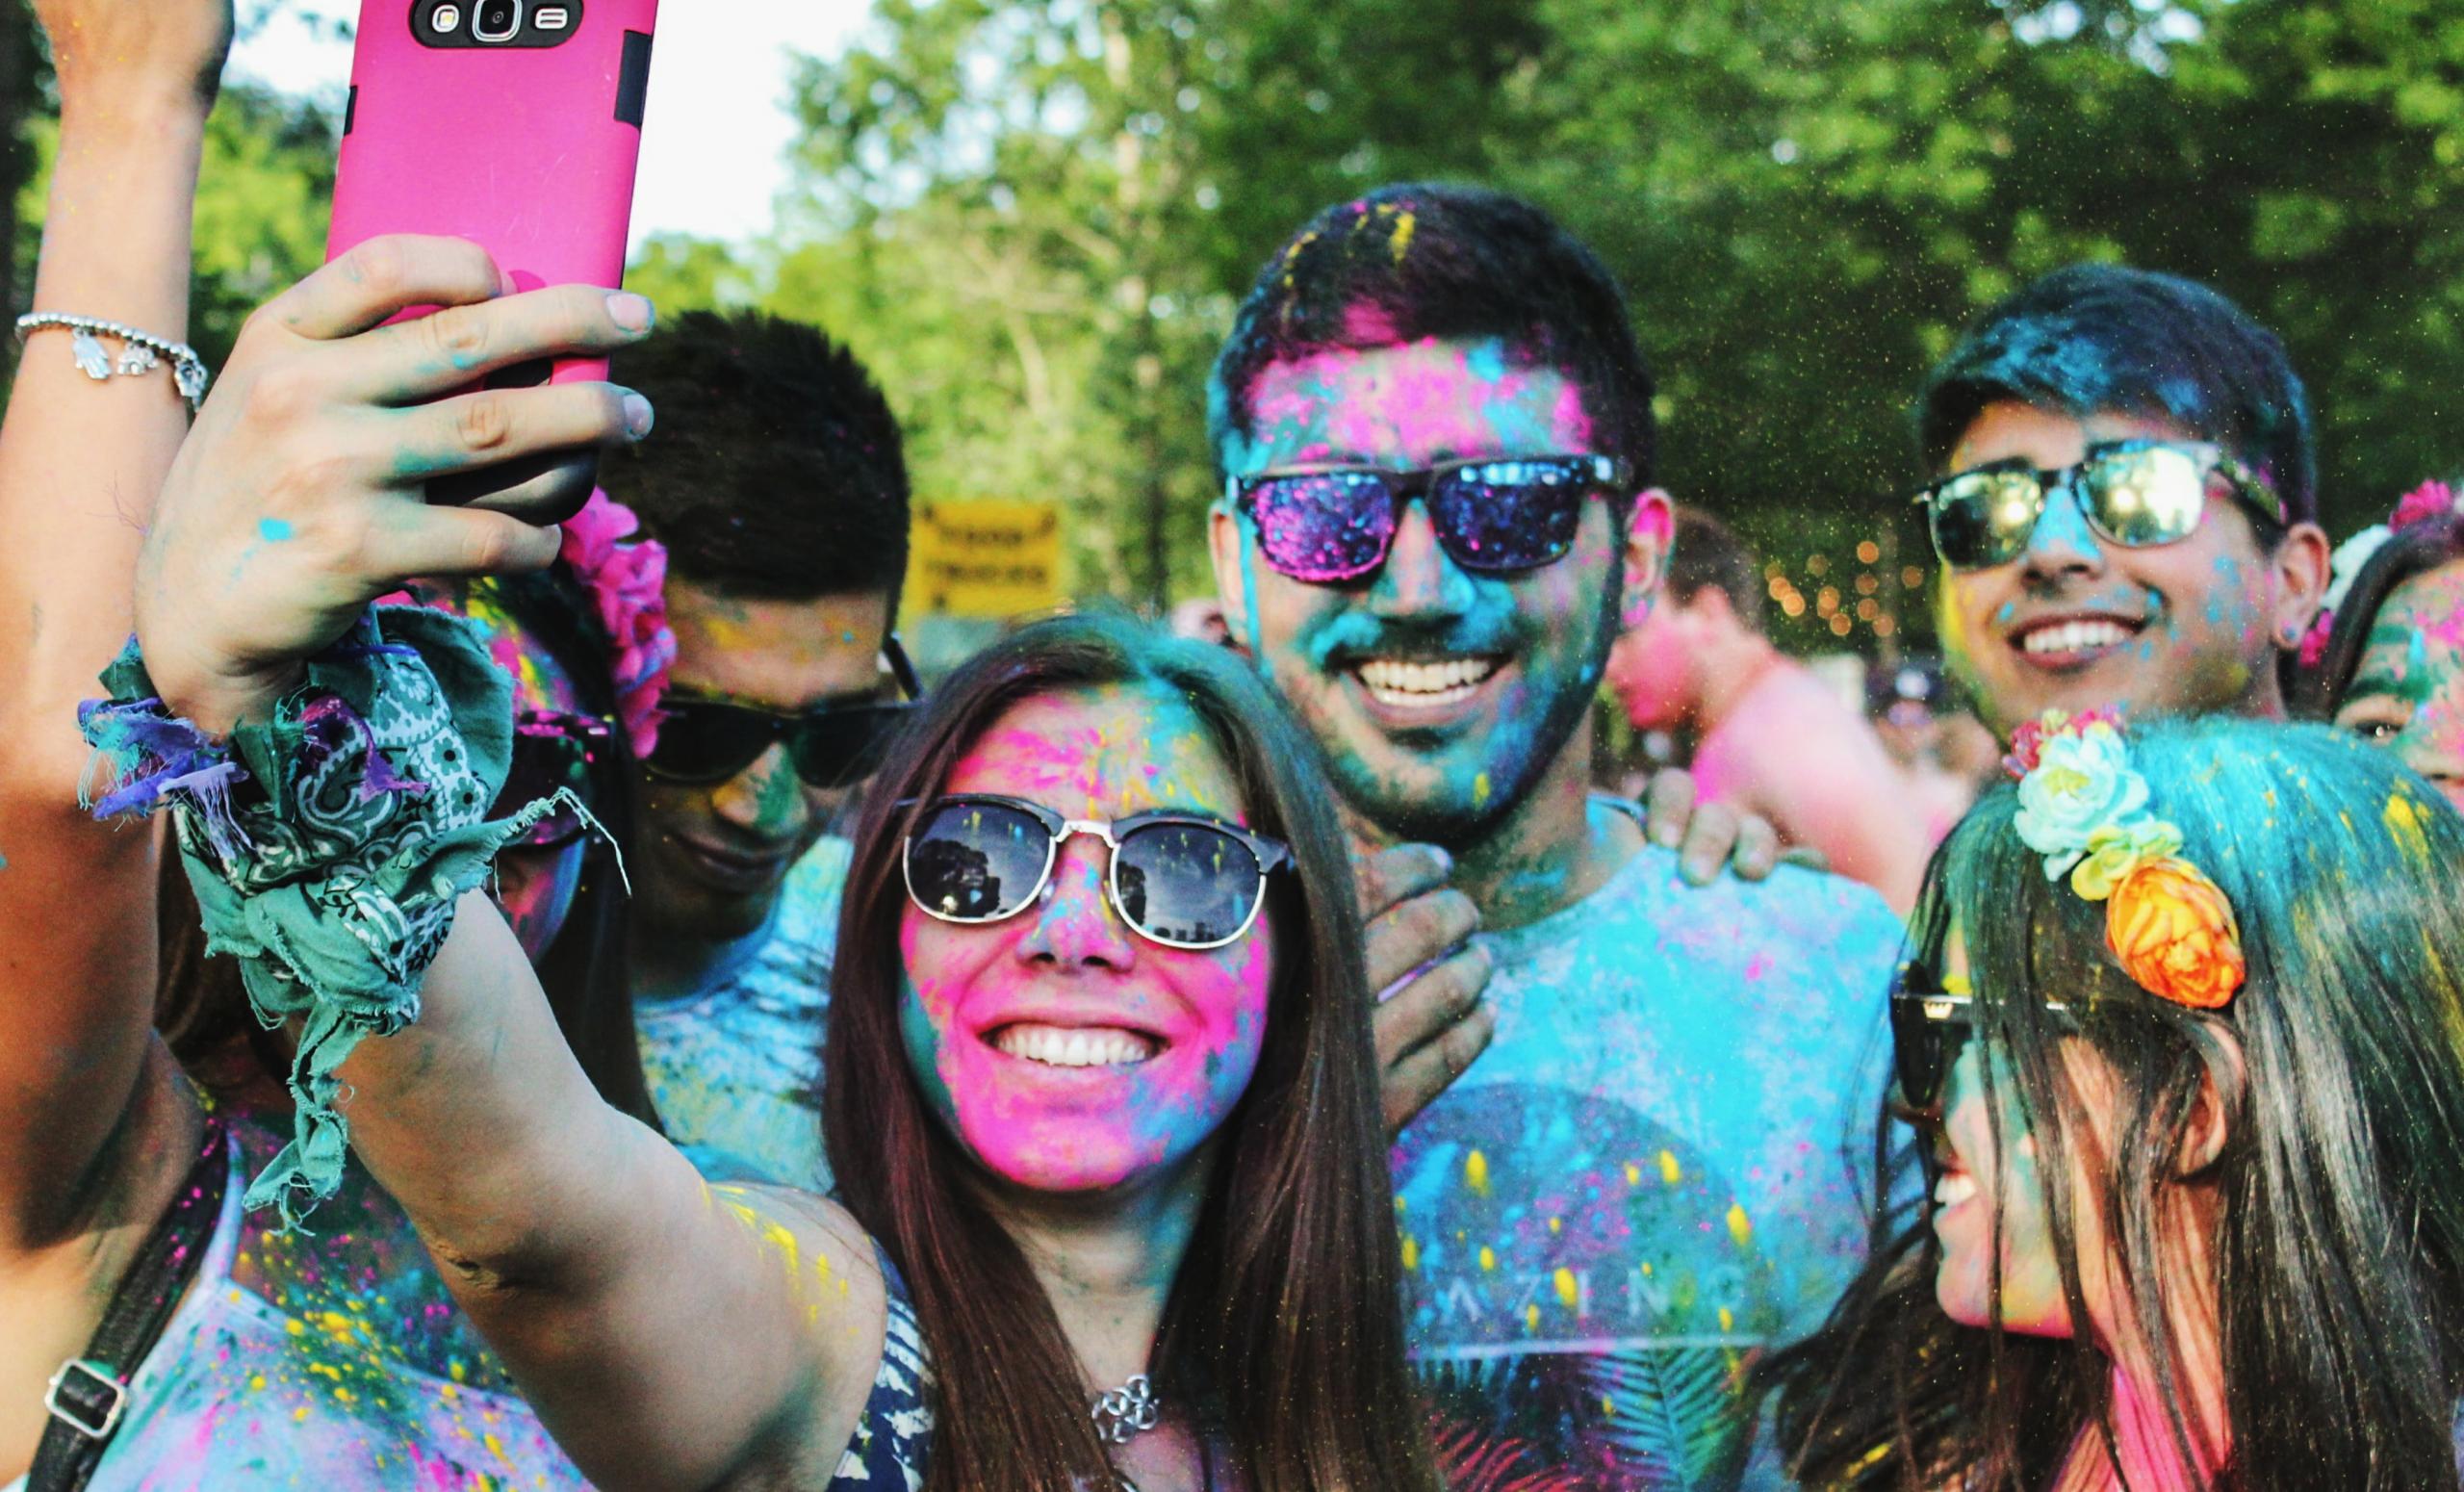 El camino hacia la sonrisa de su adolescente lista para las selfies